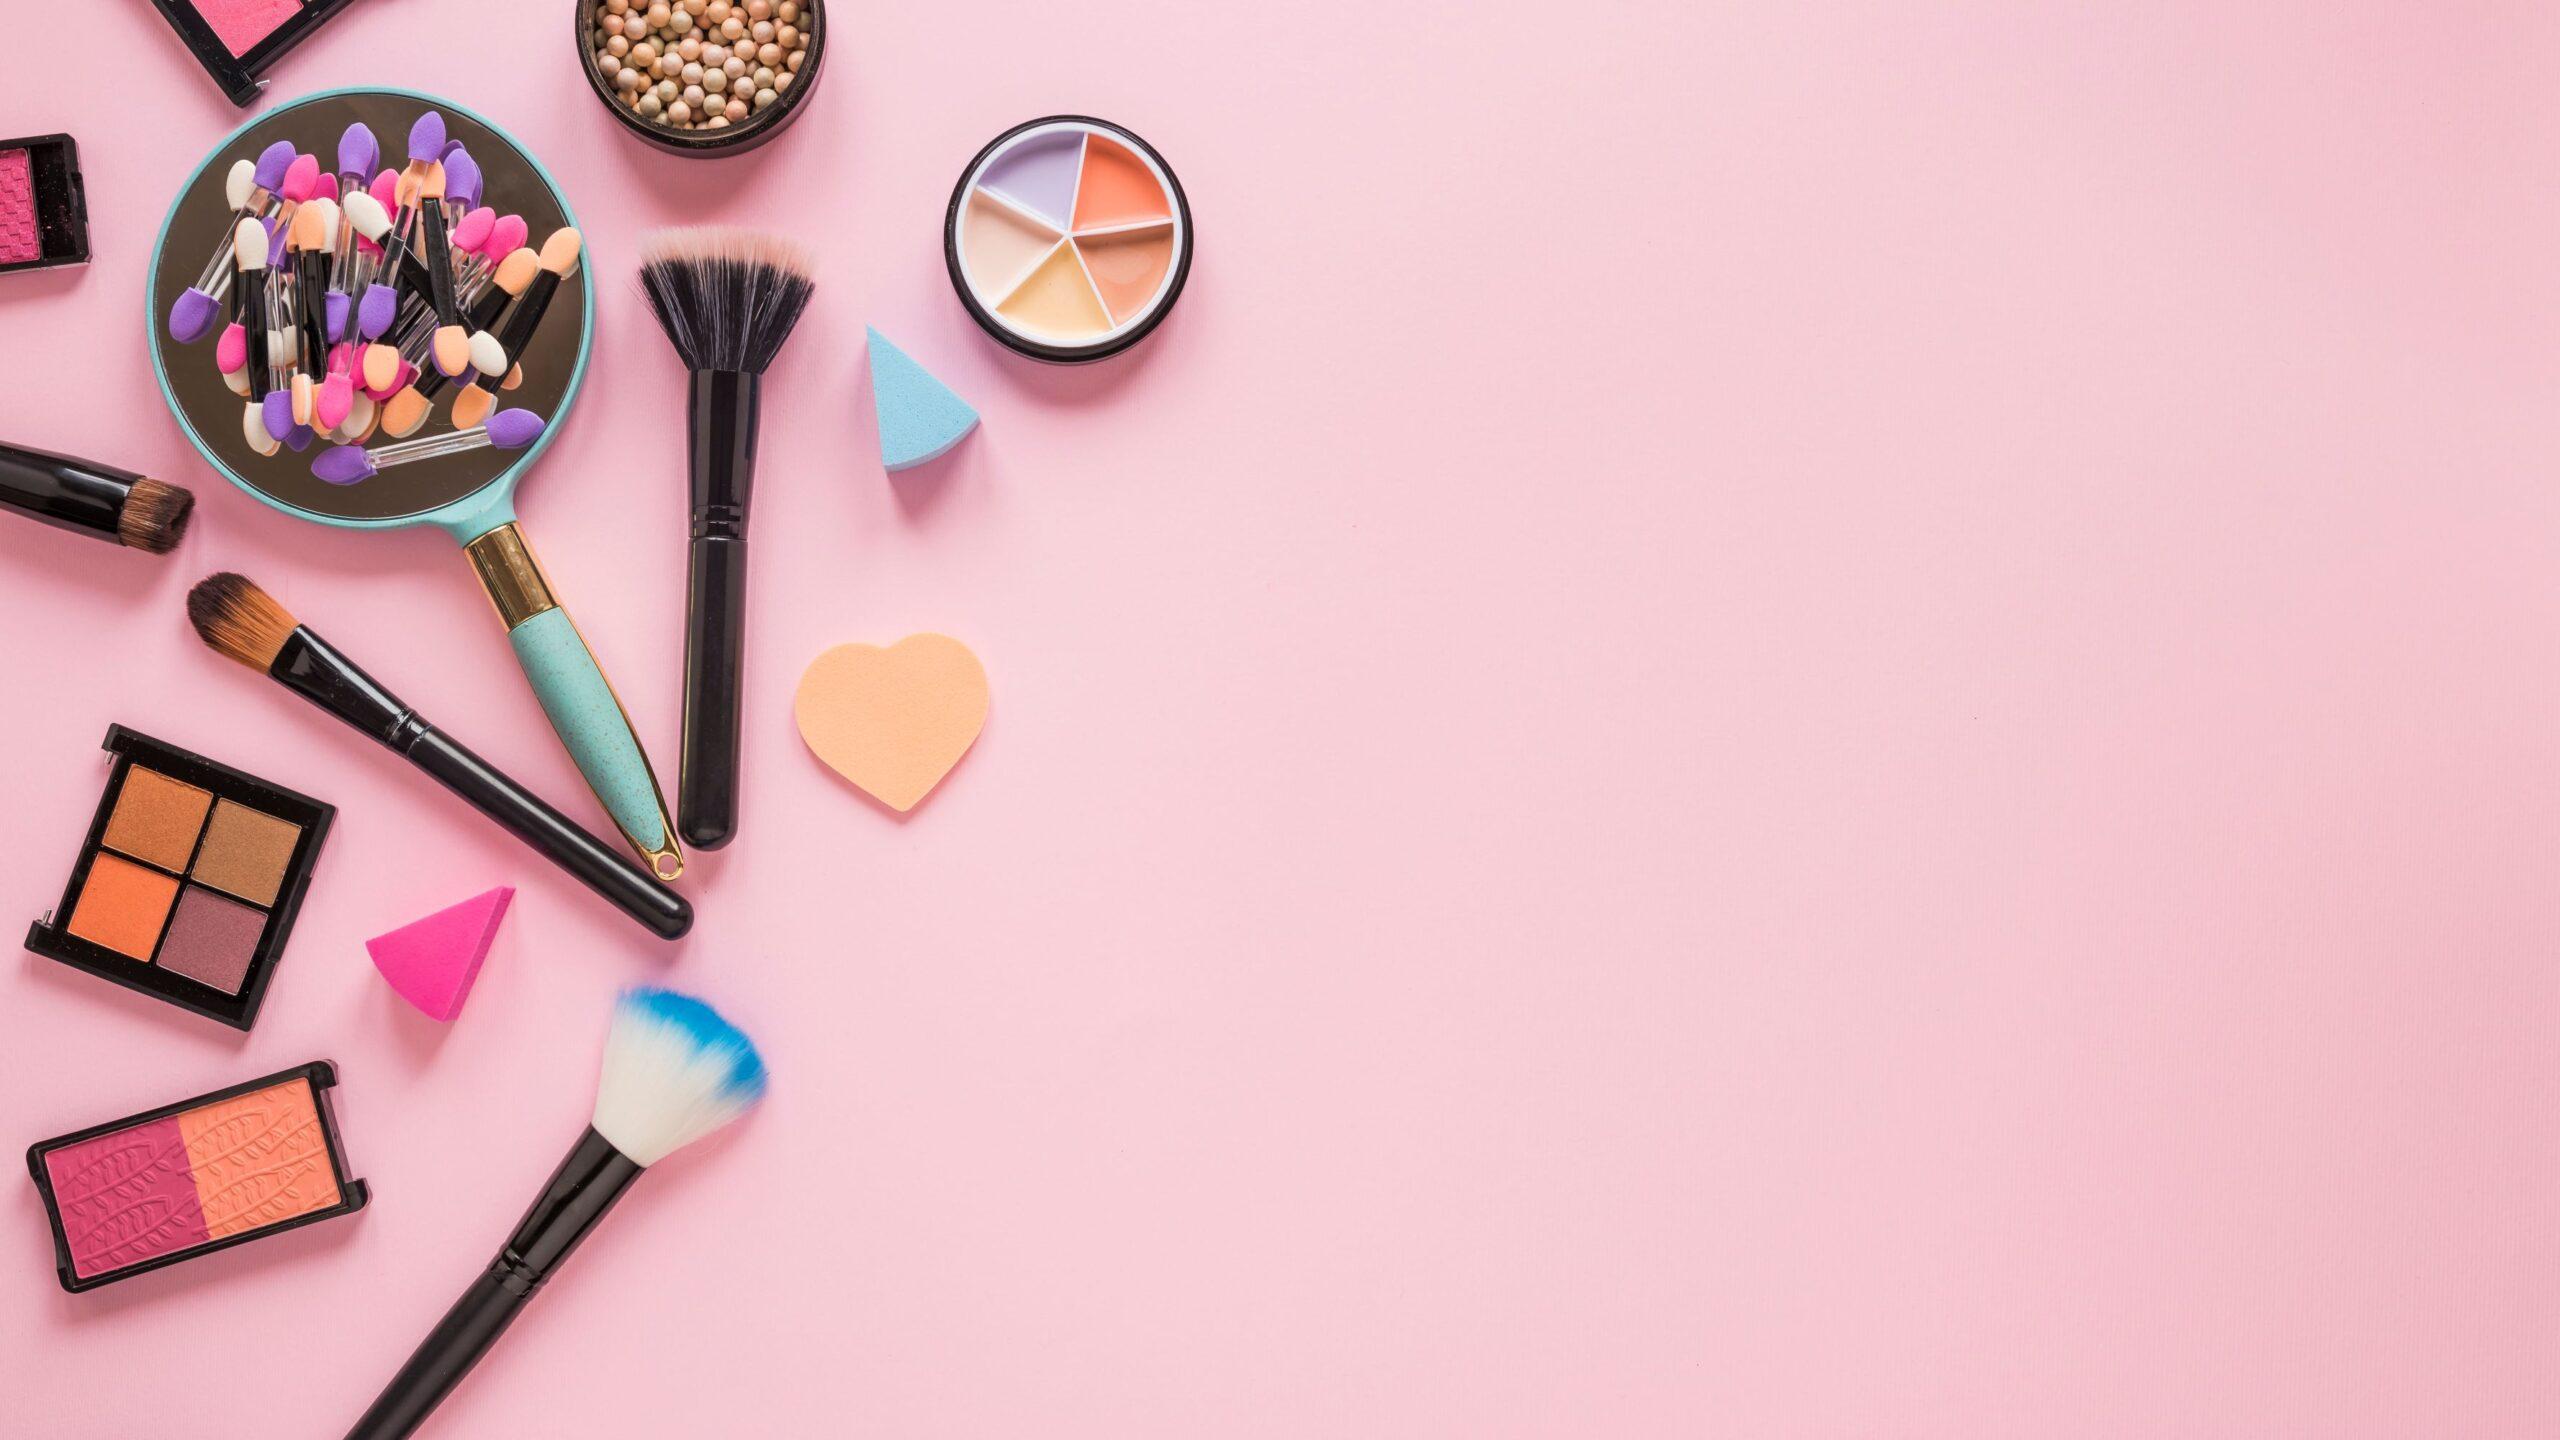 Consejos sobre maquillaje - Blog - Estetica 21